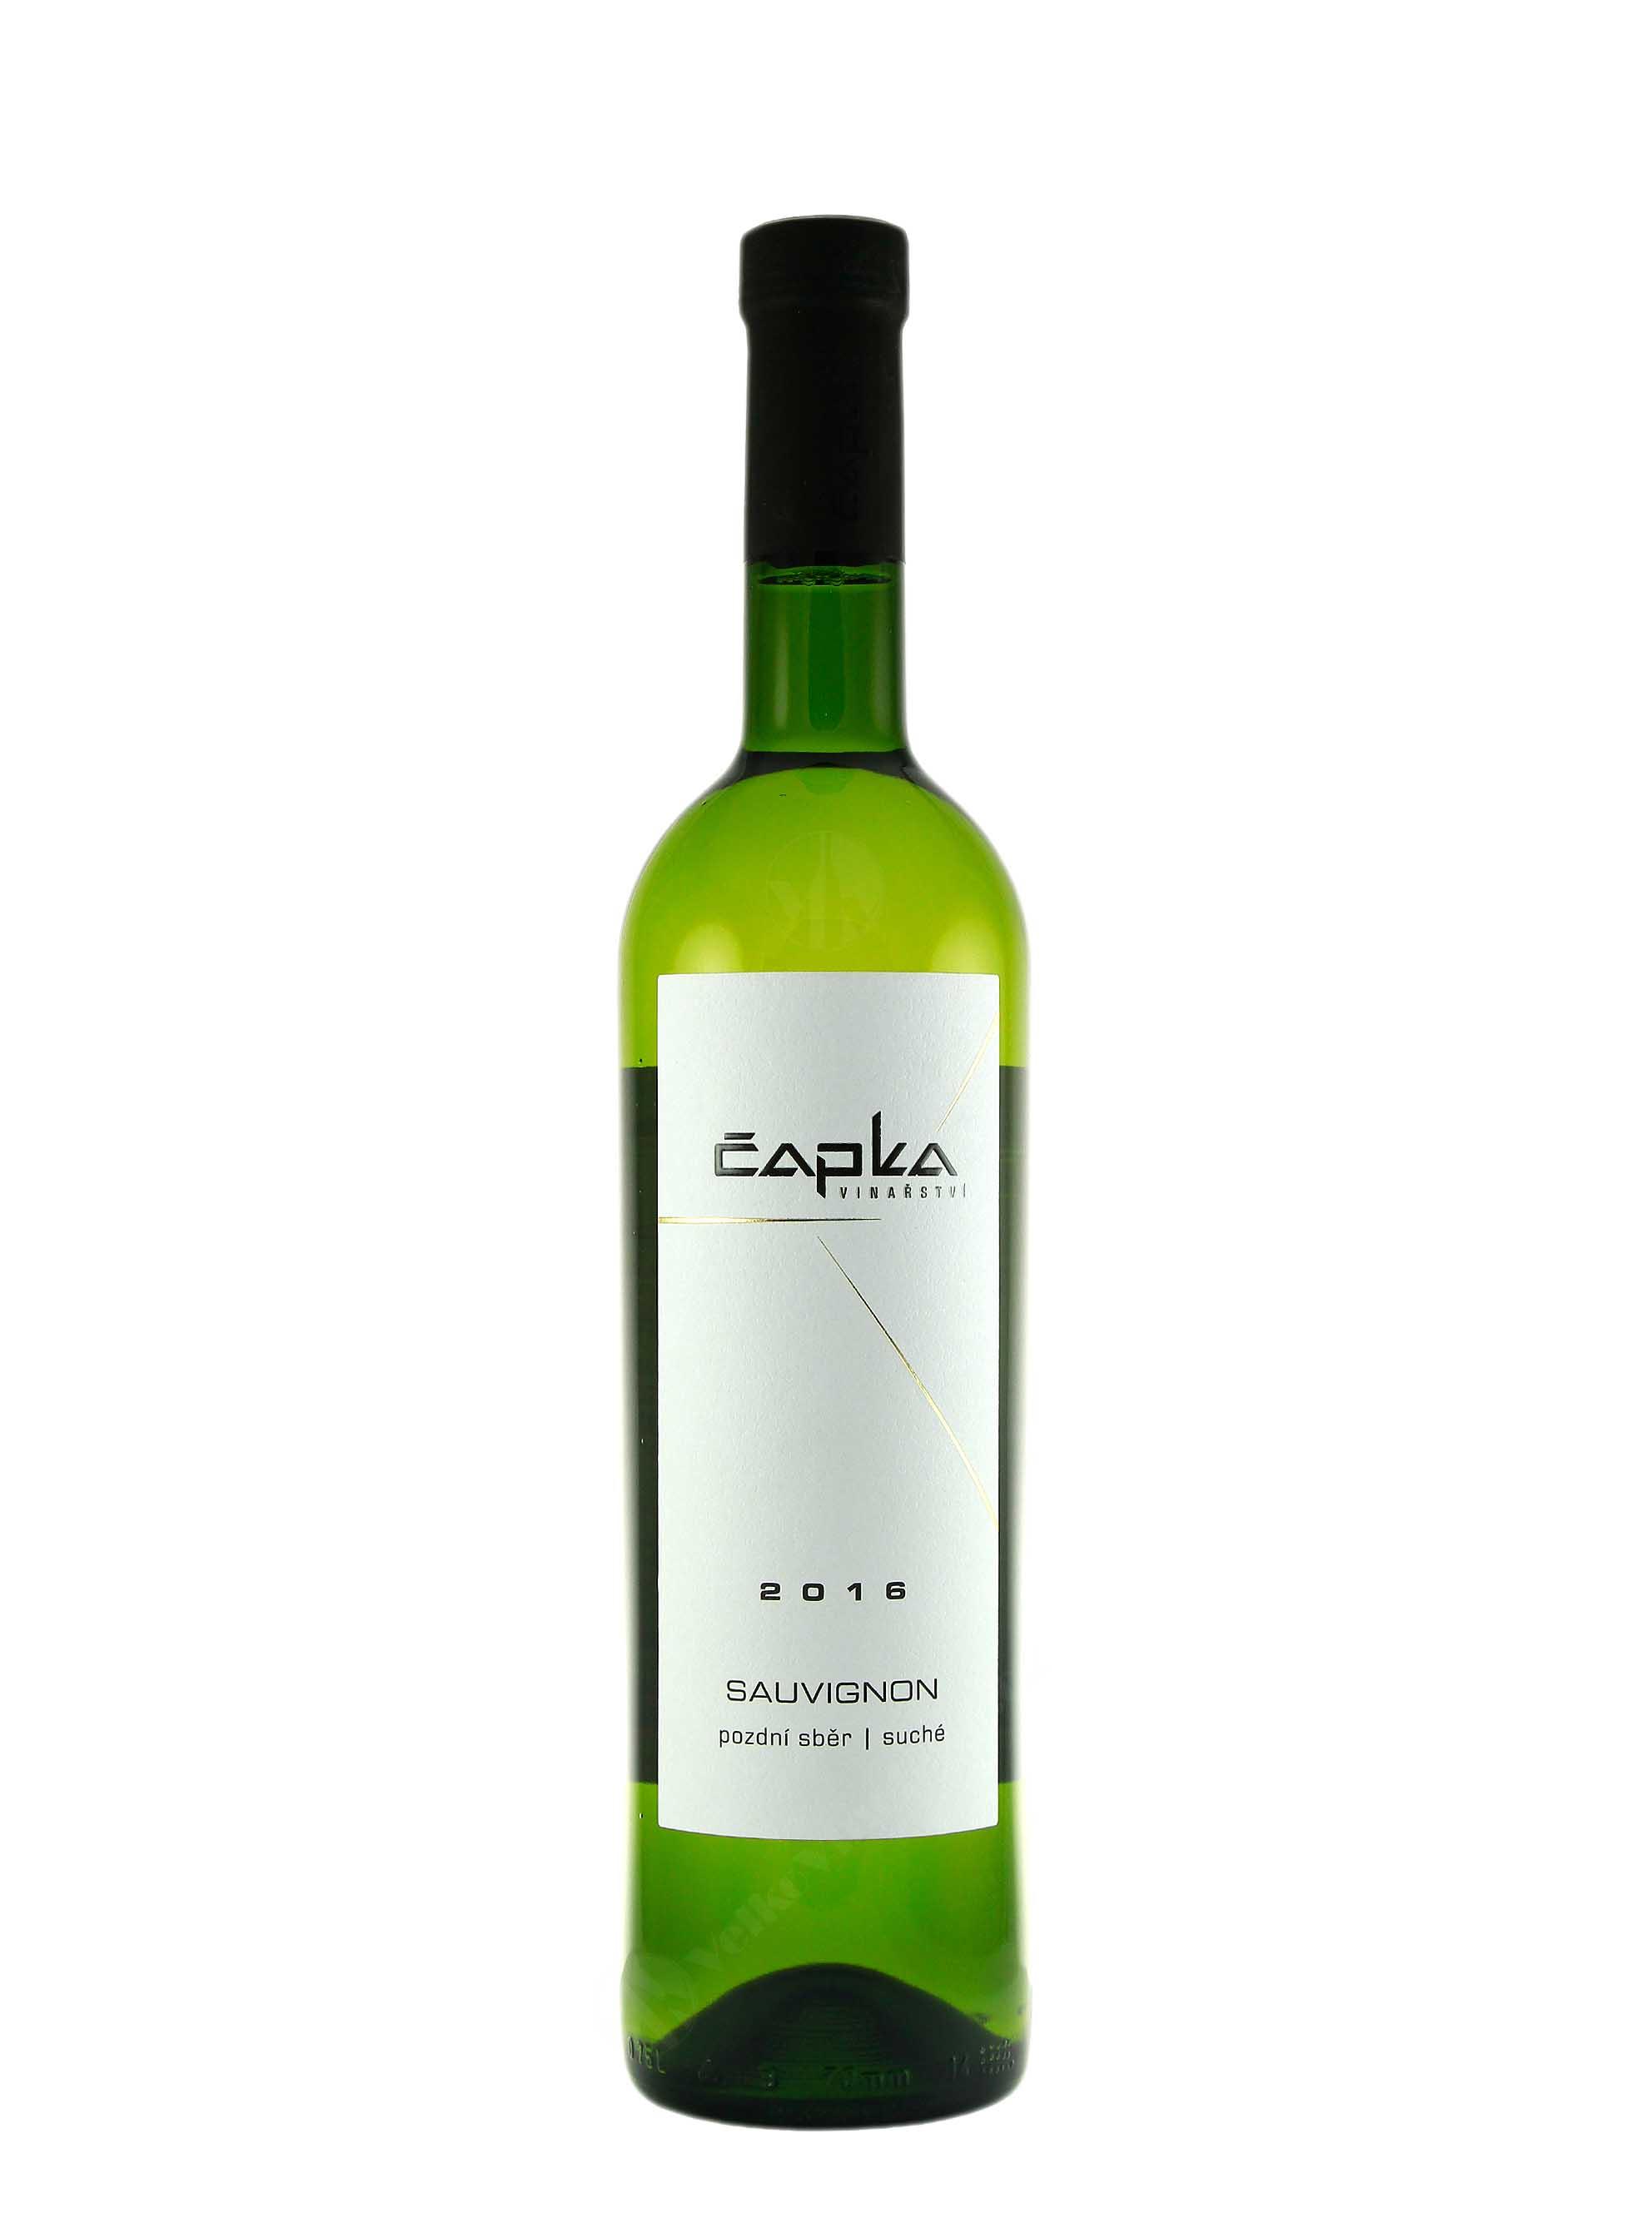 Sauvignon, Pozdní sběr, 2016, Vinařství Čapka, 0.75 l